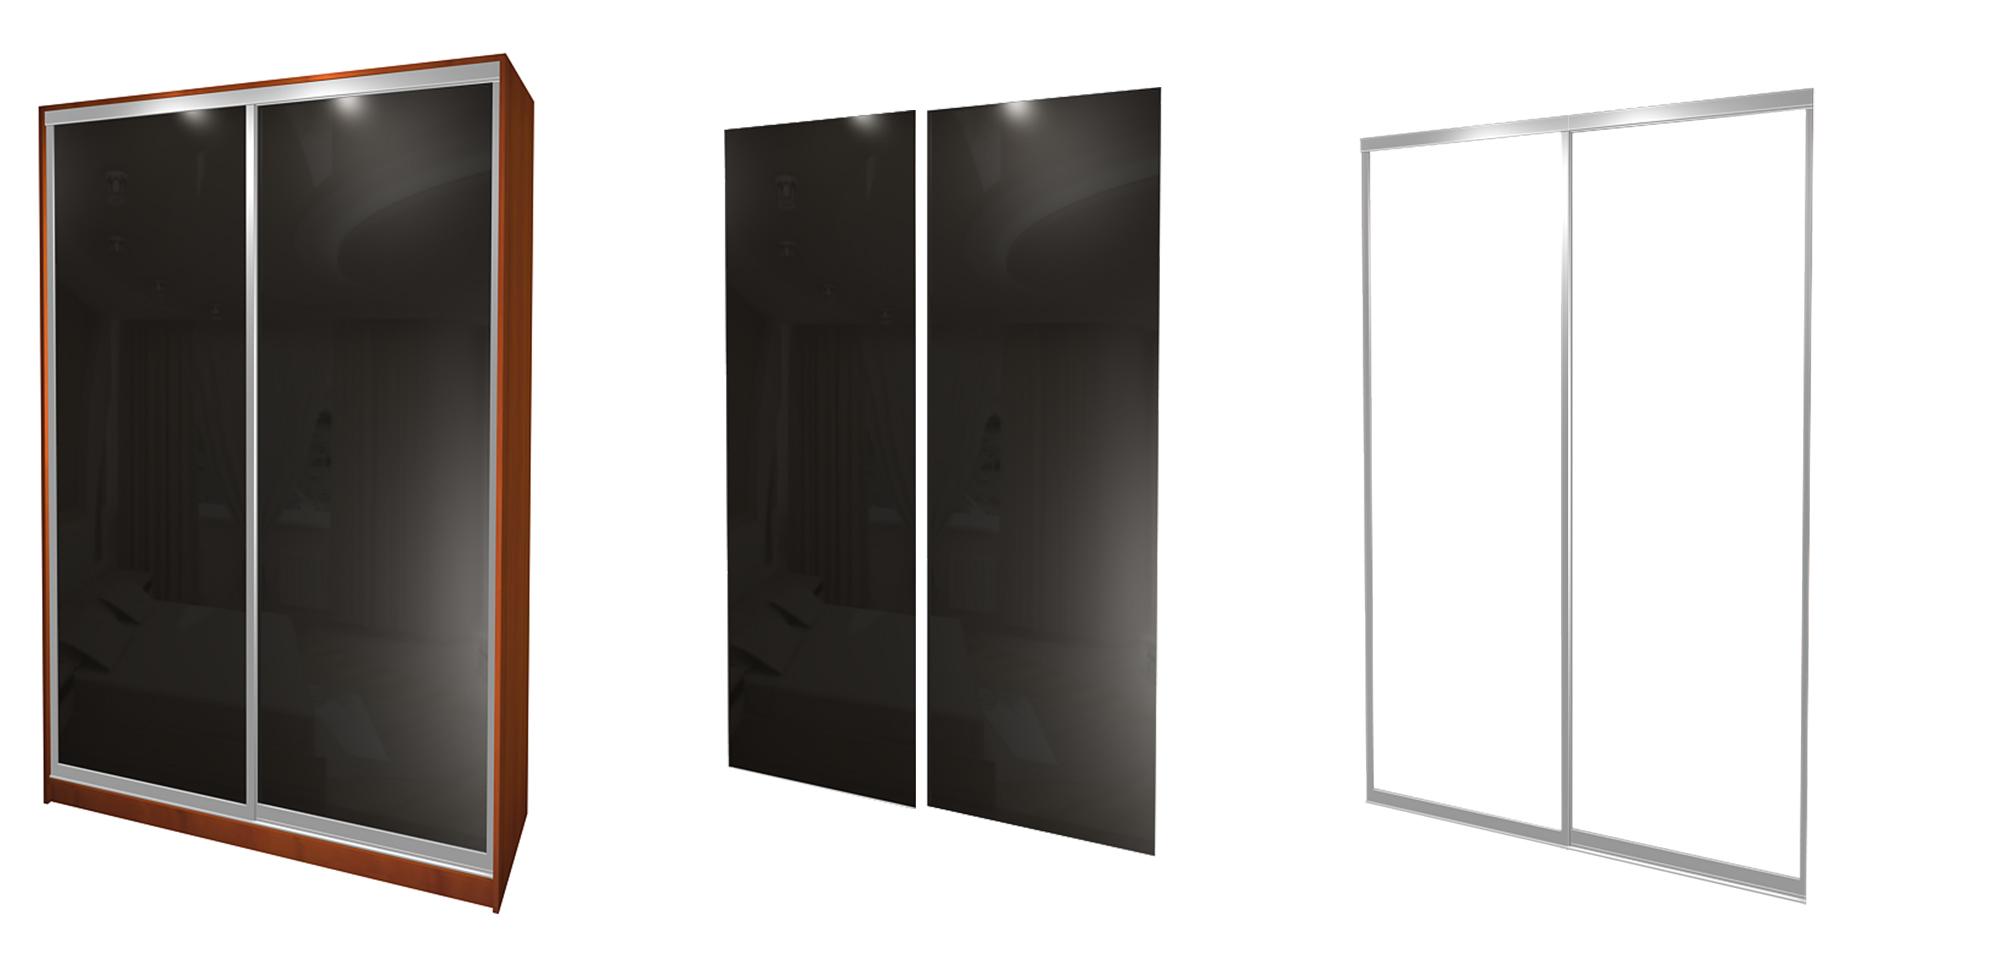 Подготовка изображений для конструктора шкафов-купе